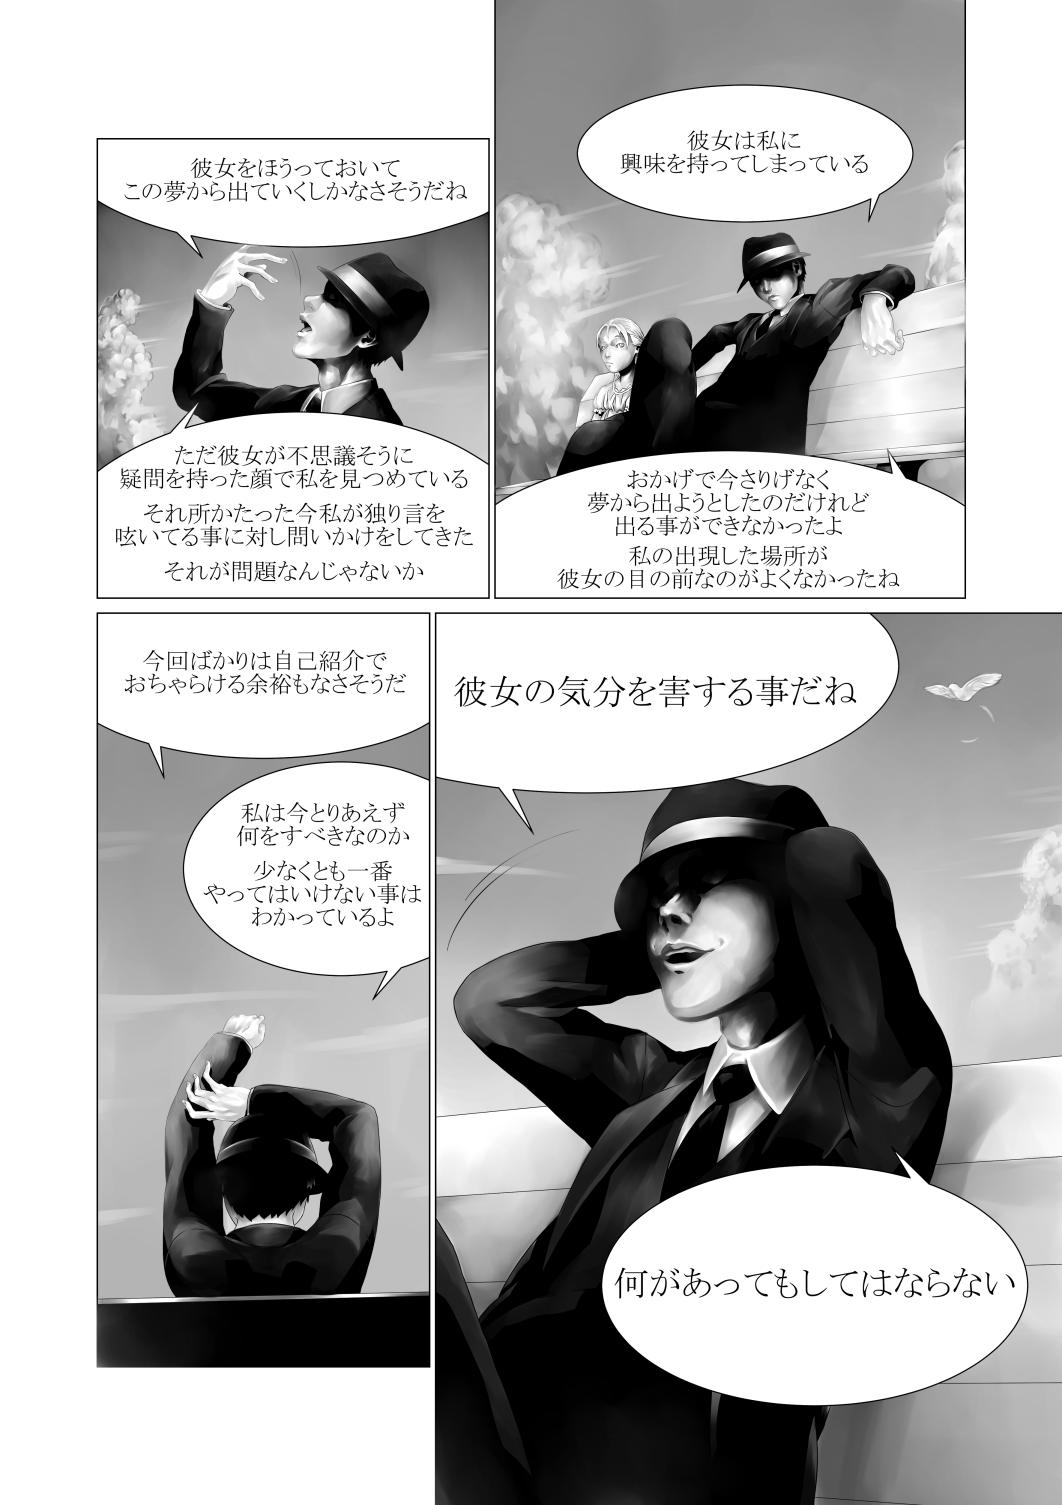 ちいさな魔女の夢5完成.png